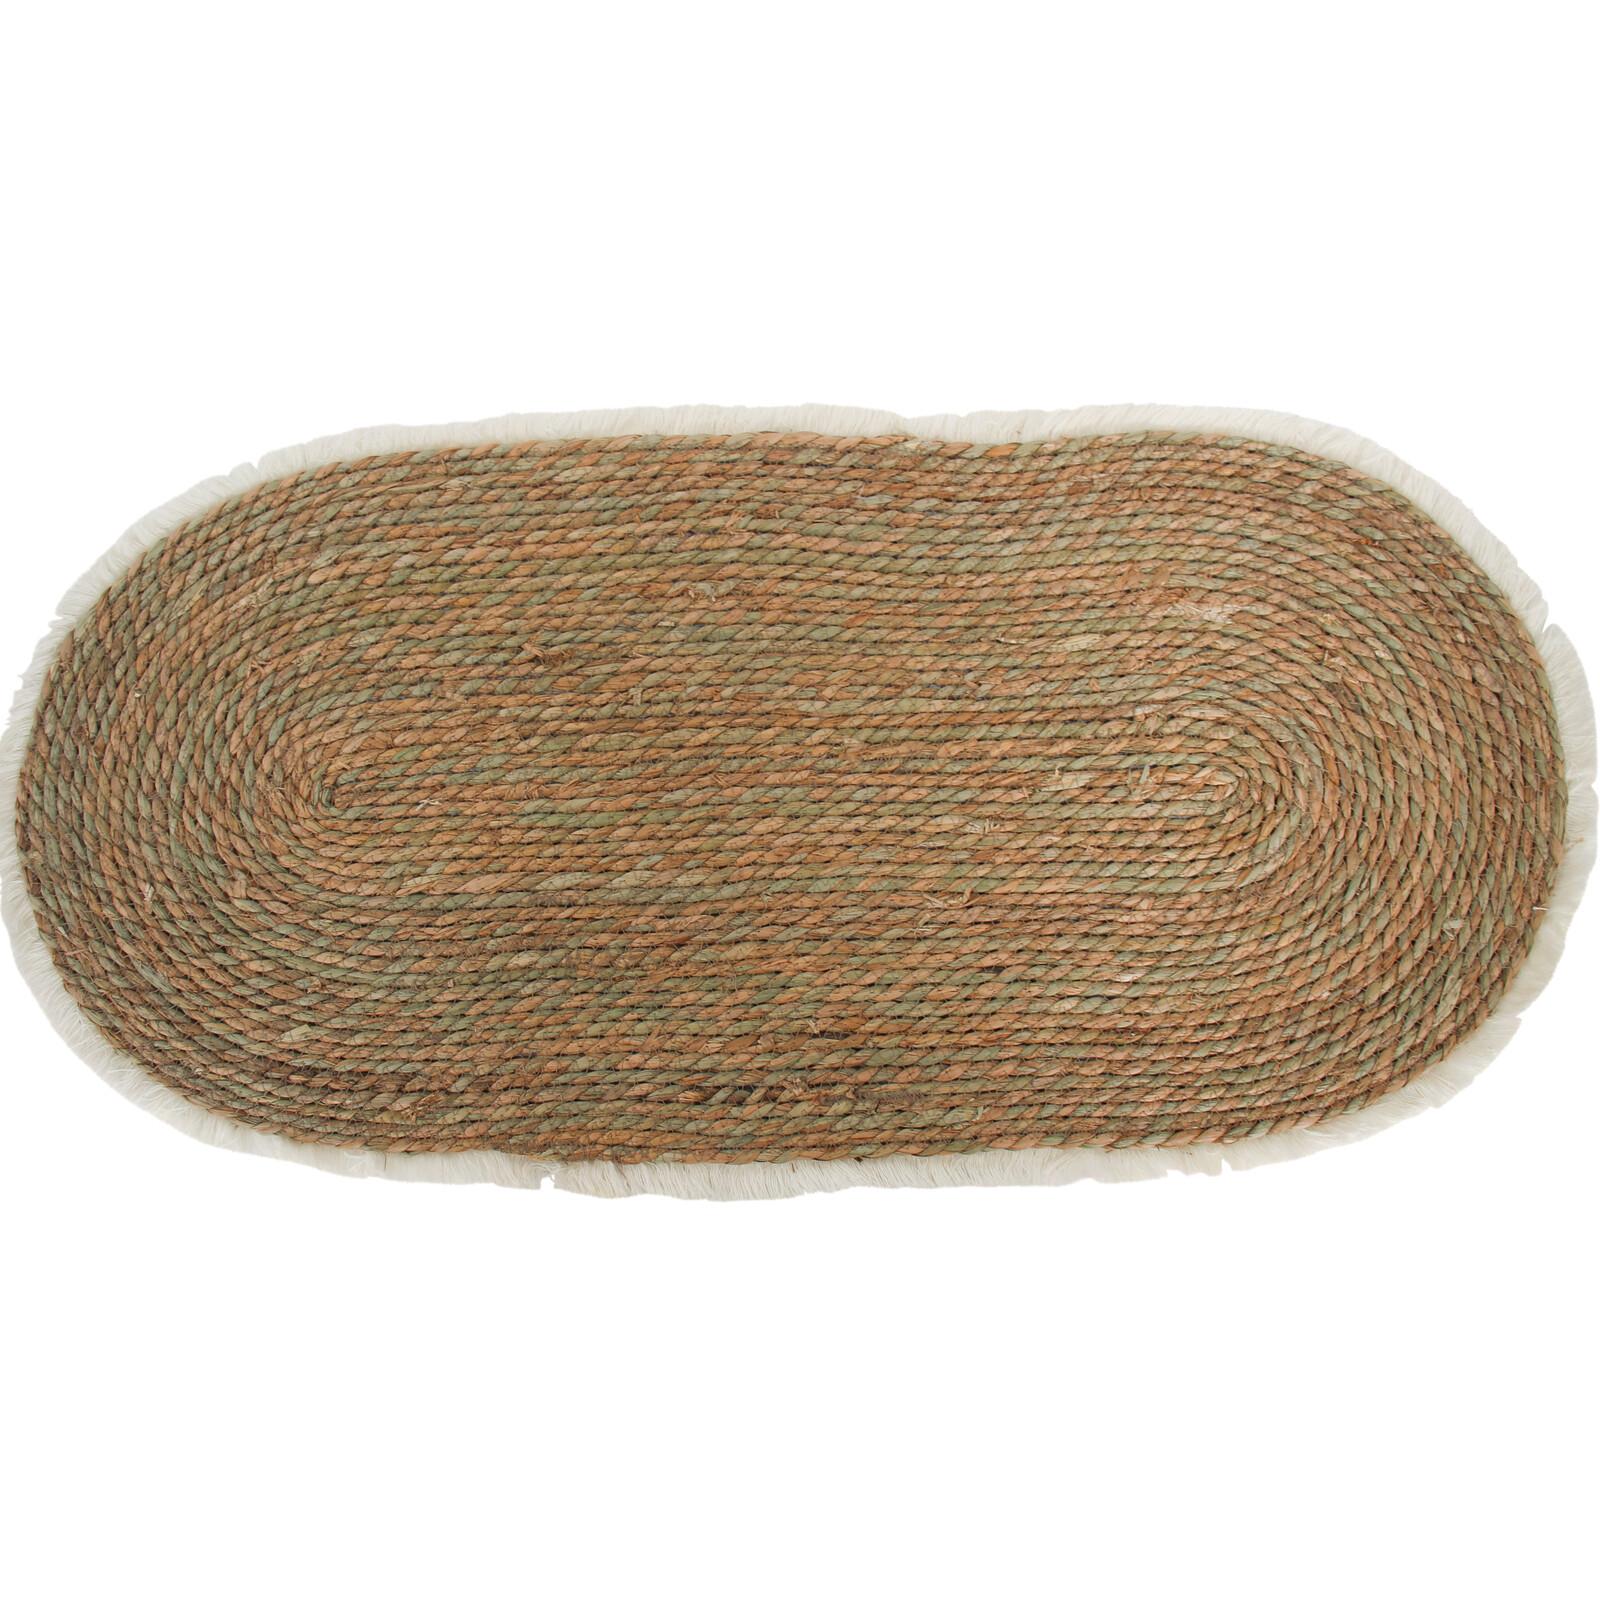 Rug Oval Natural Fringe